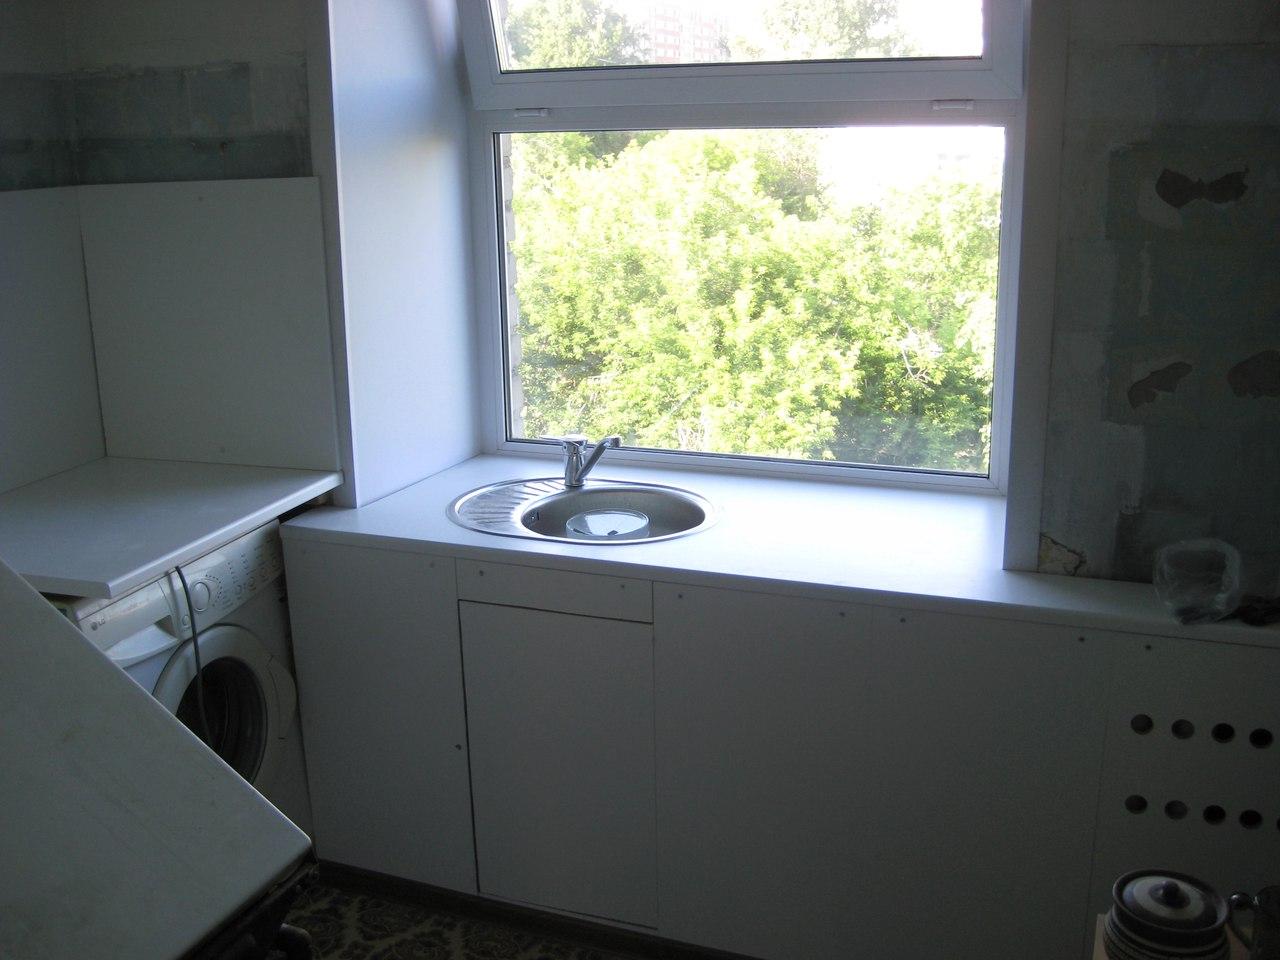 Окно и мойка в подоконнике(кухня в хрущевке, ооочень бюджетный вариант)